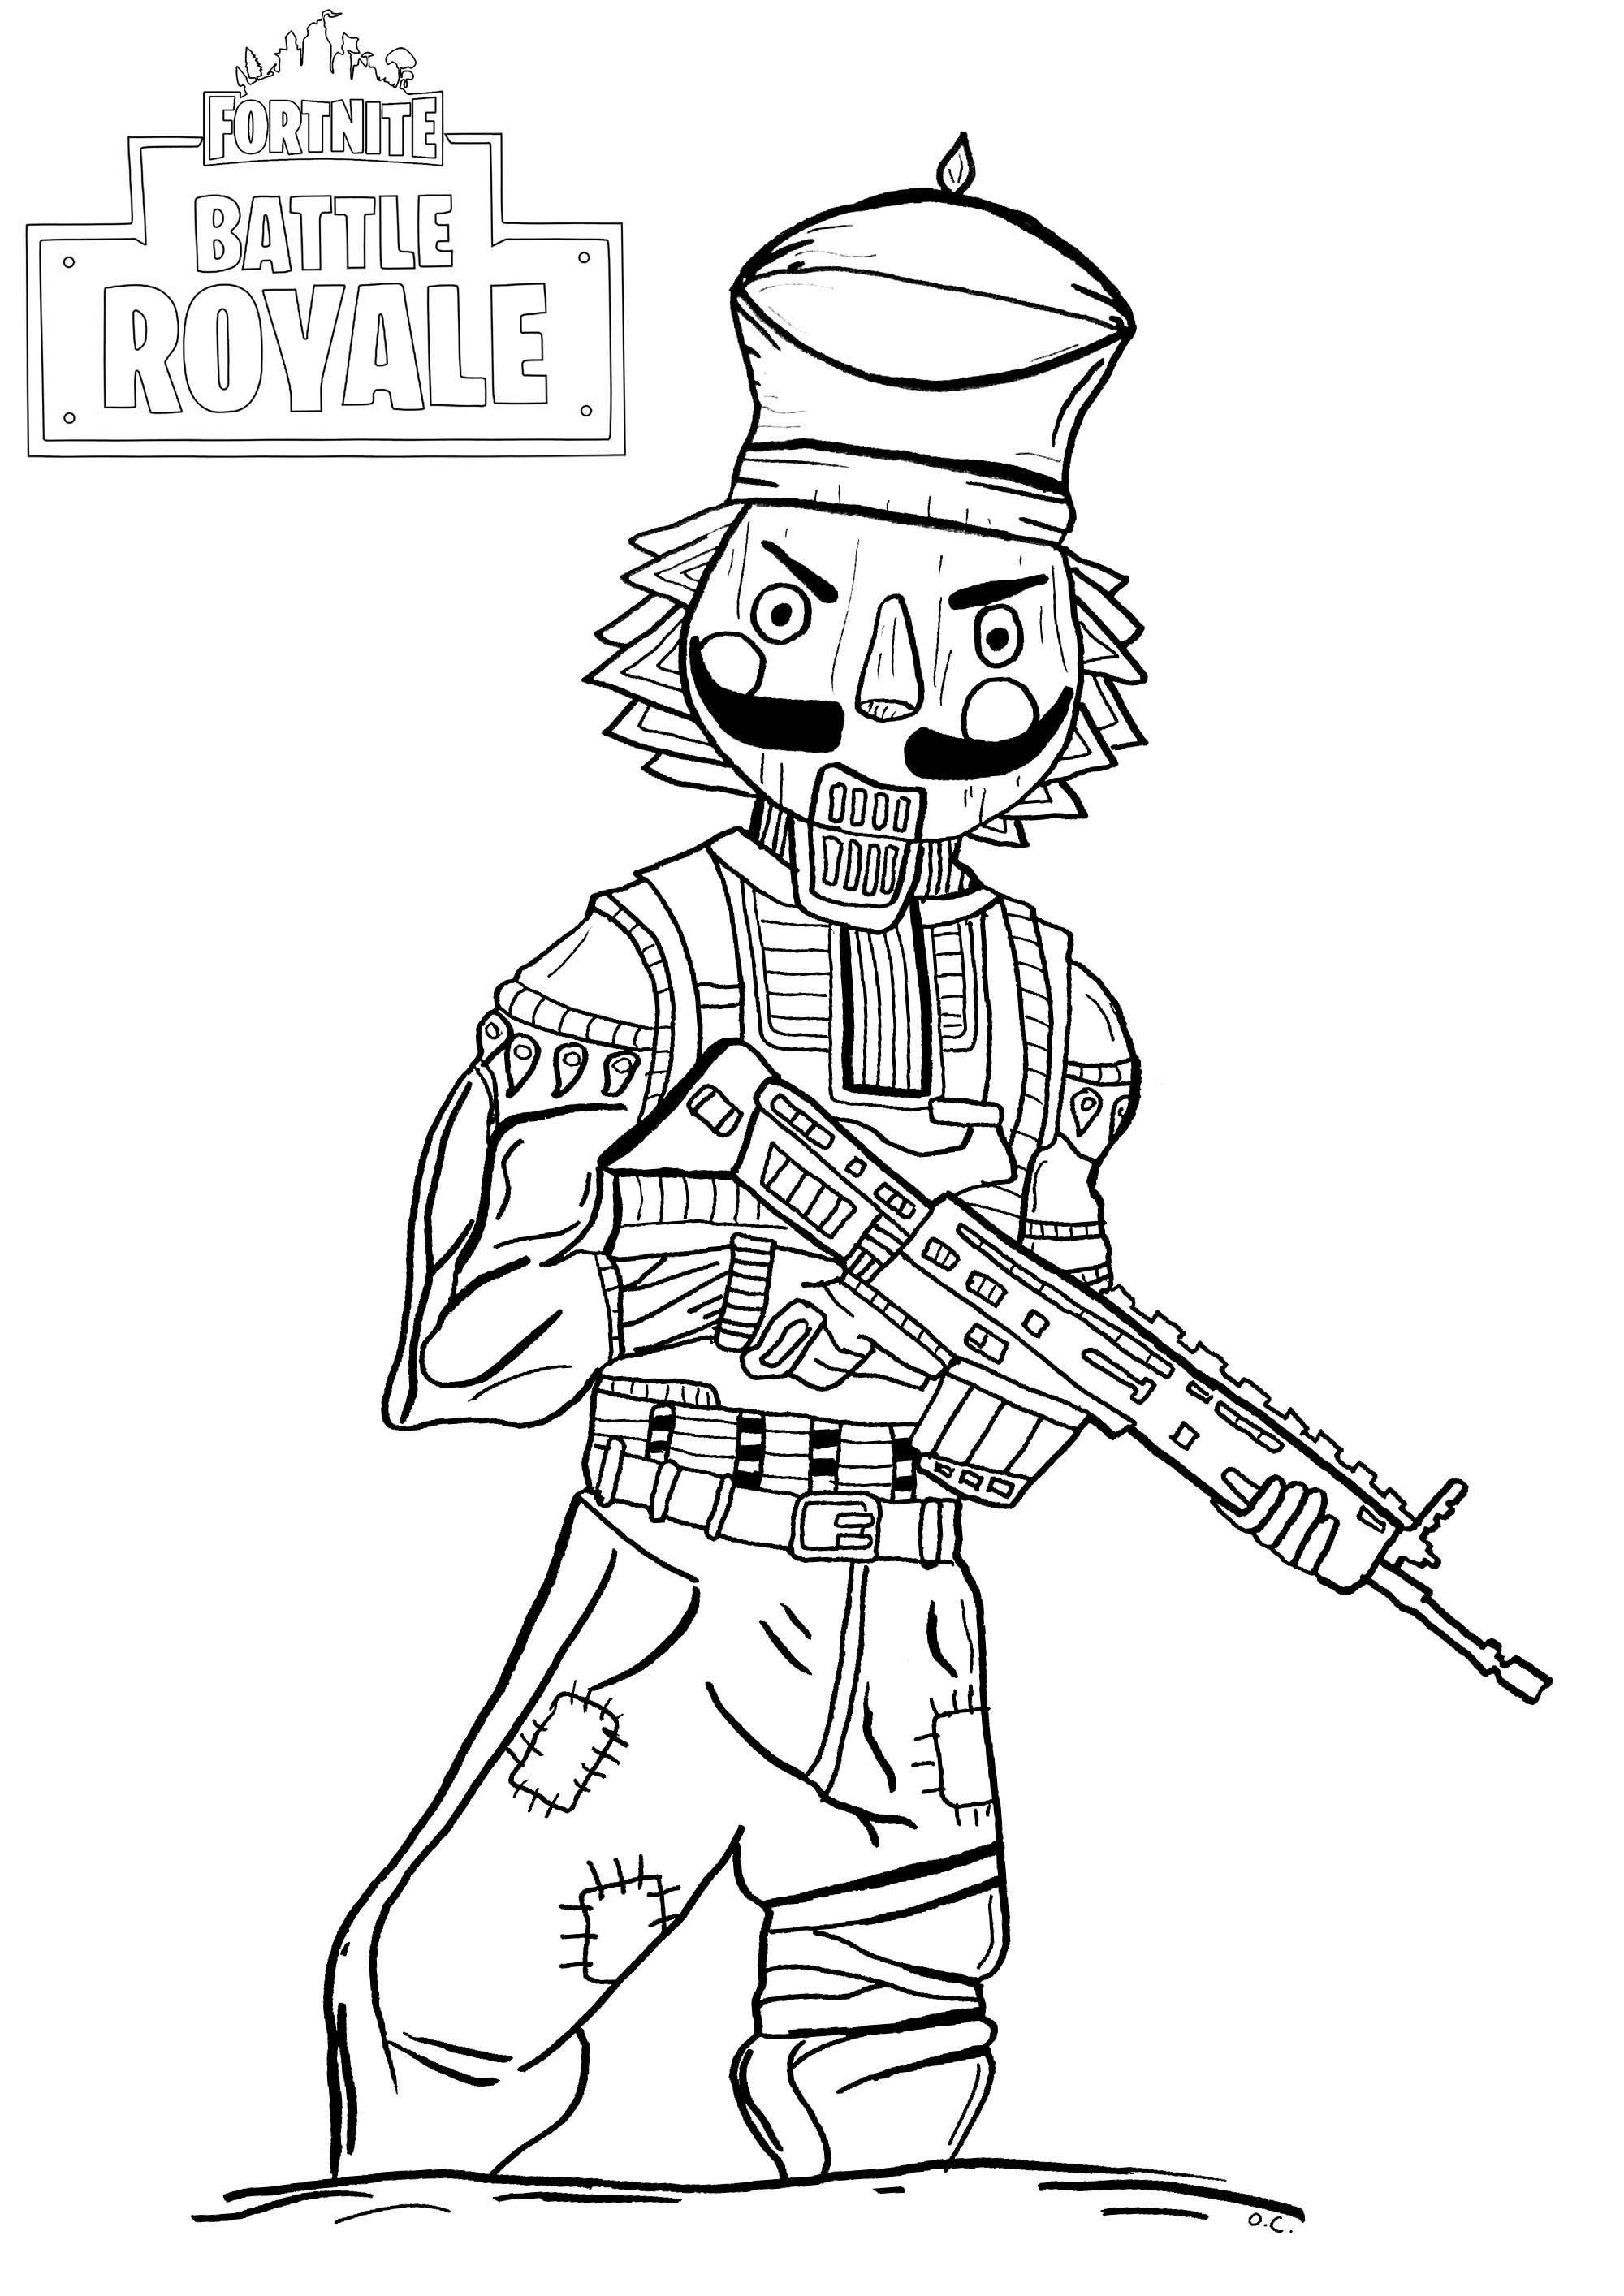 Crackshot Equipo Legendario Disponible En Fortnite Battle Royale Durante Las Temporadas De Vacaciones Dessin A Imprimer Dessin A Colorier Coloriage Minecraft